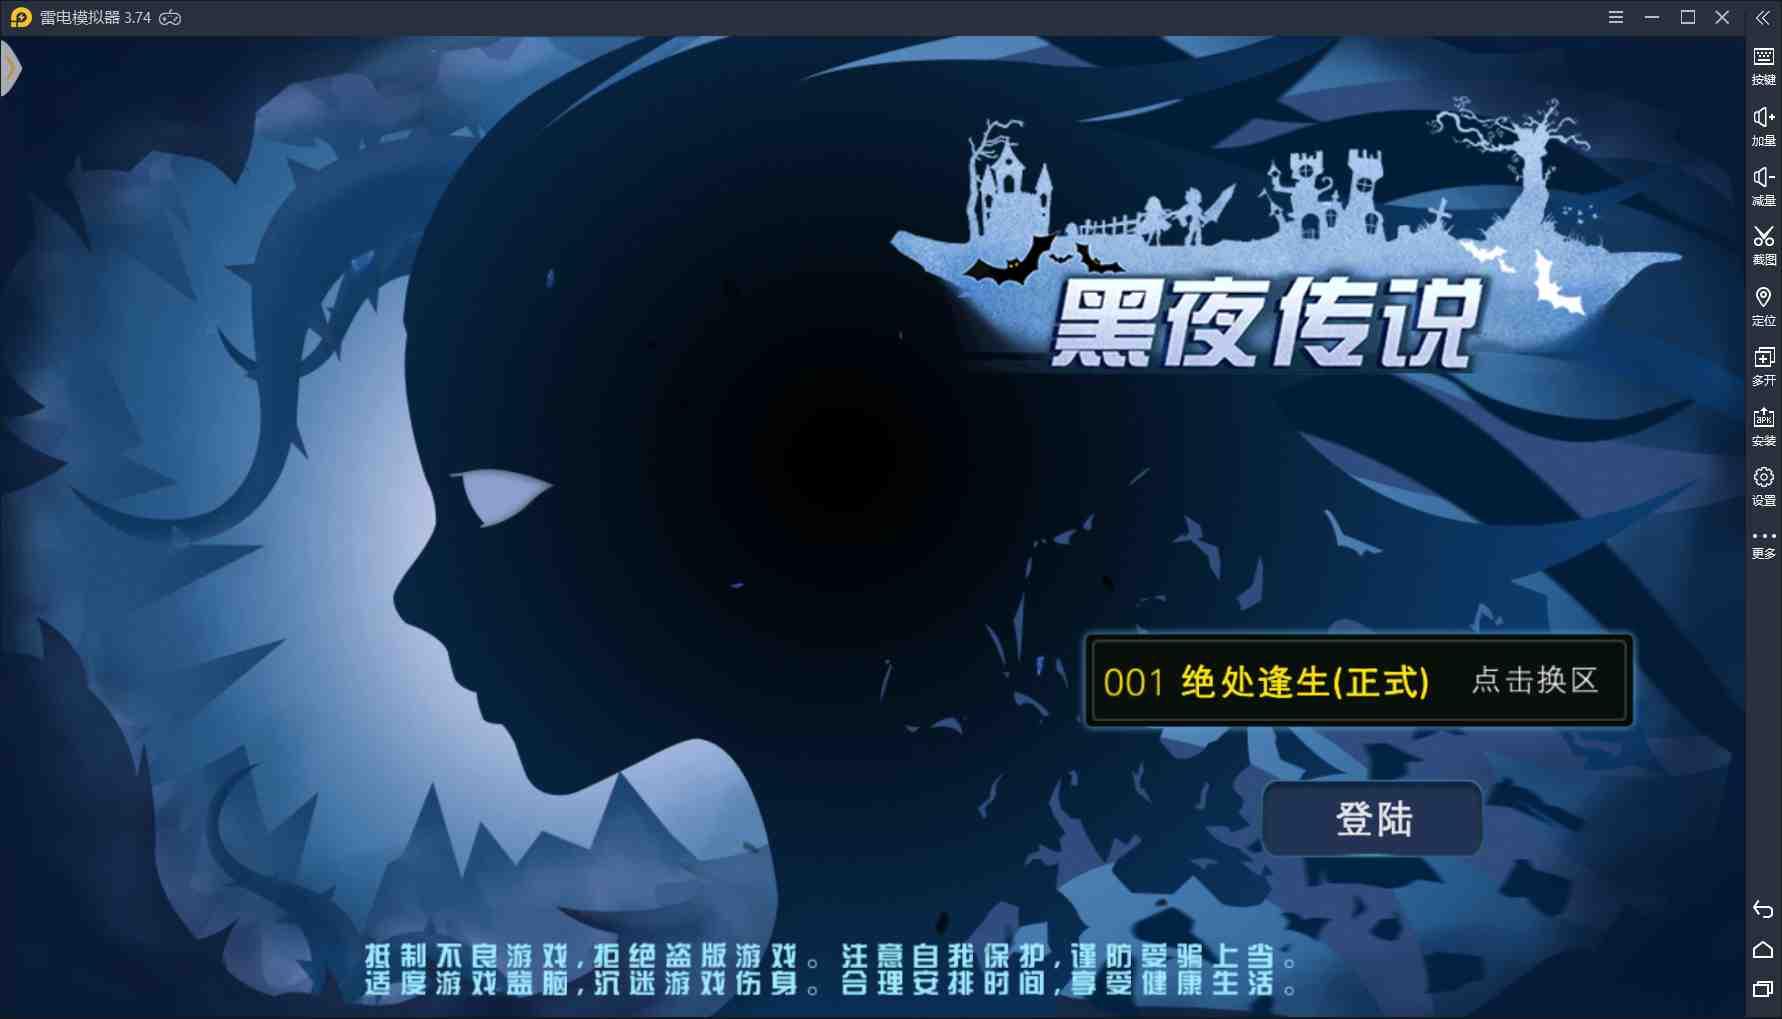 【黑夜傳說】富有節奏的暗黑冒險旅程